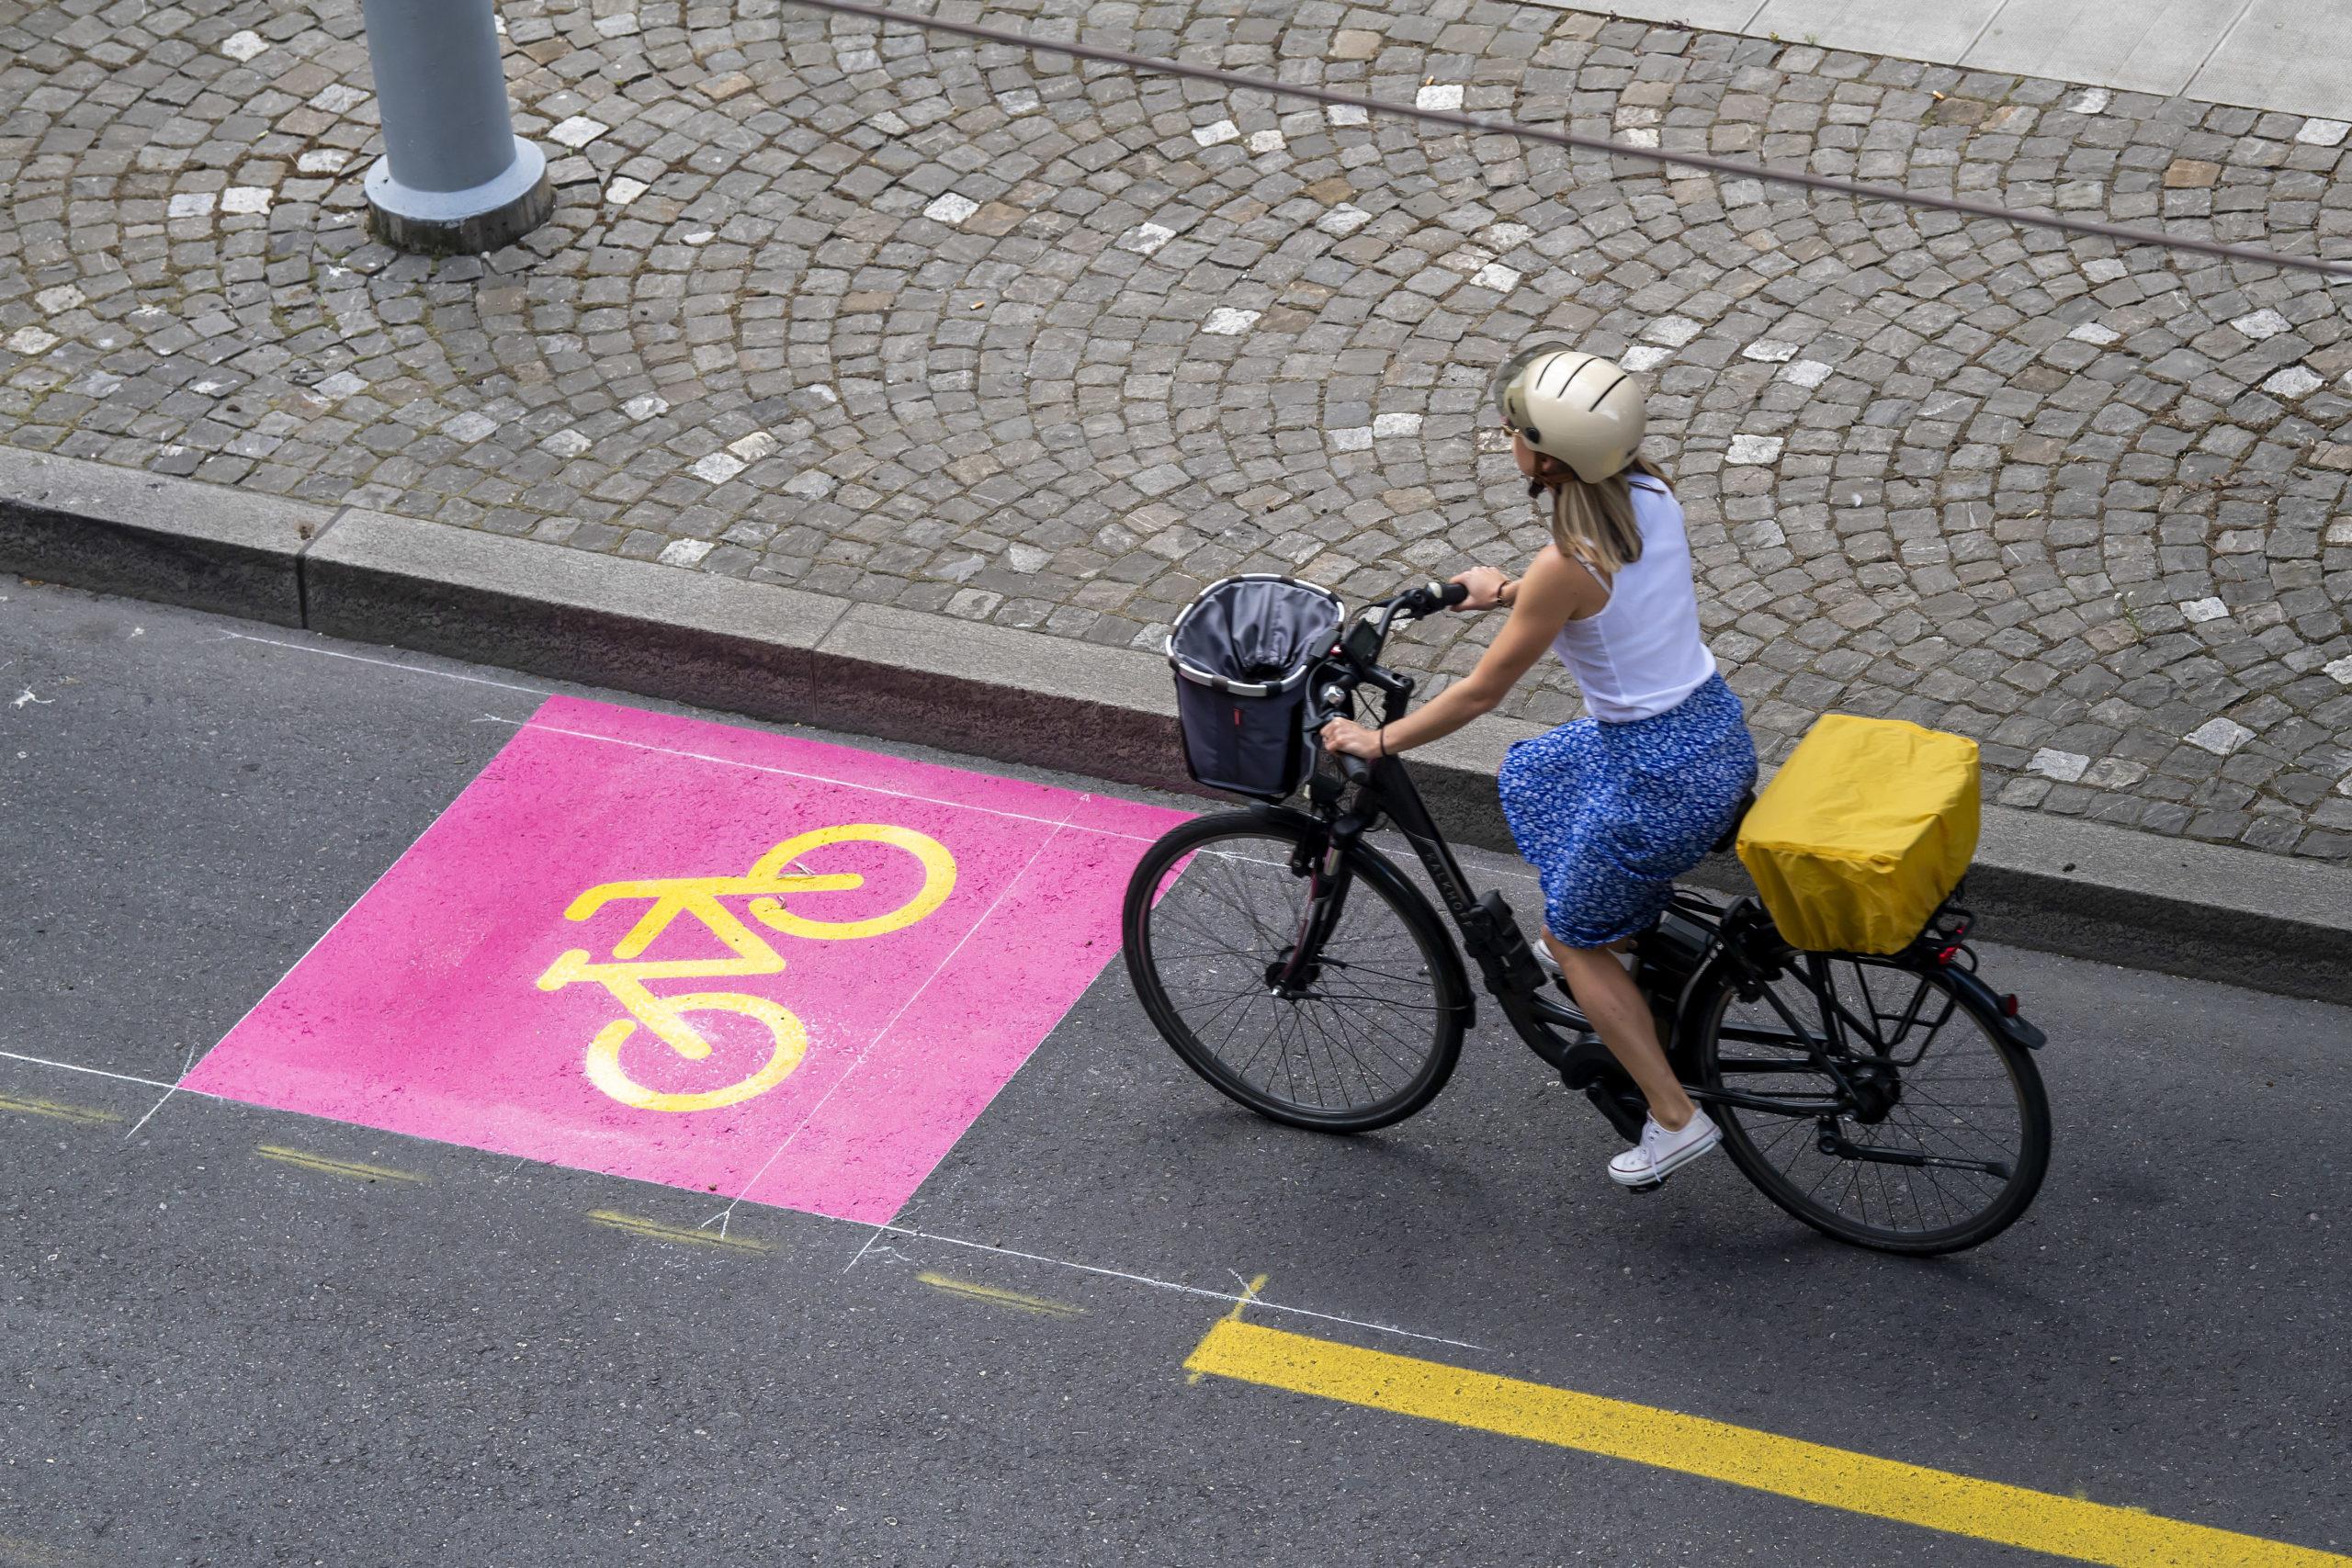 Cyclistes un jour ou pour toujours?